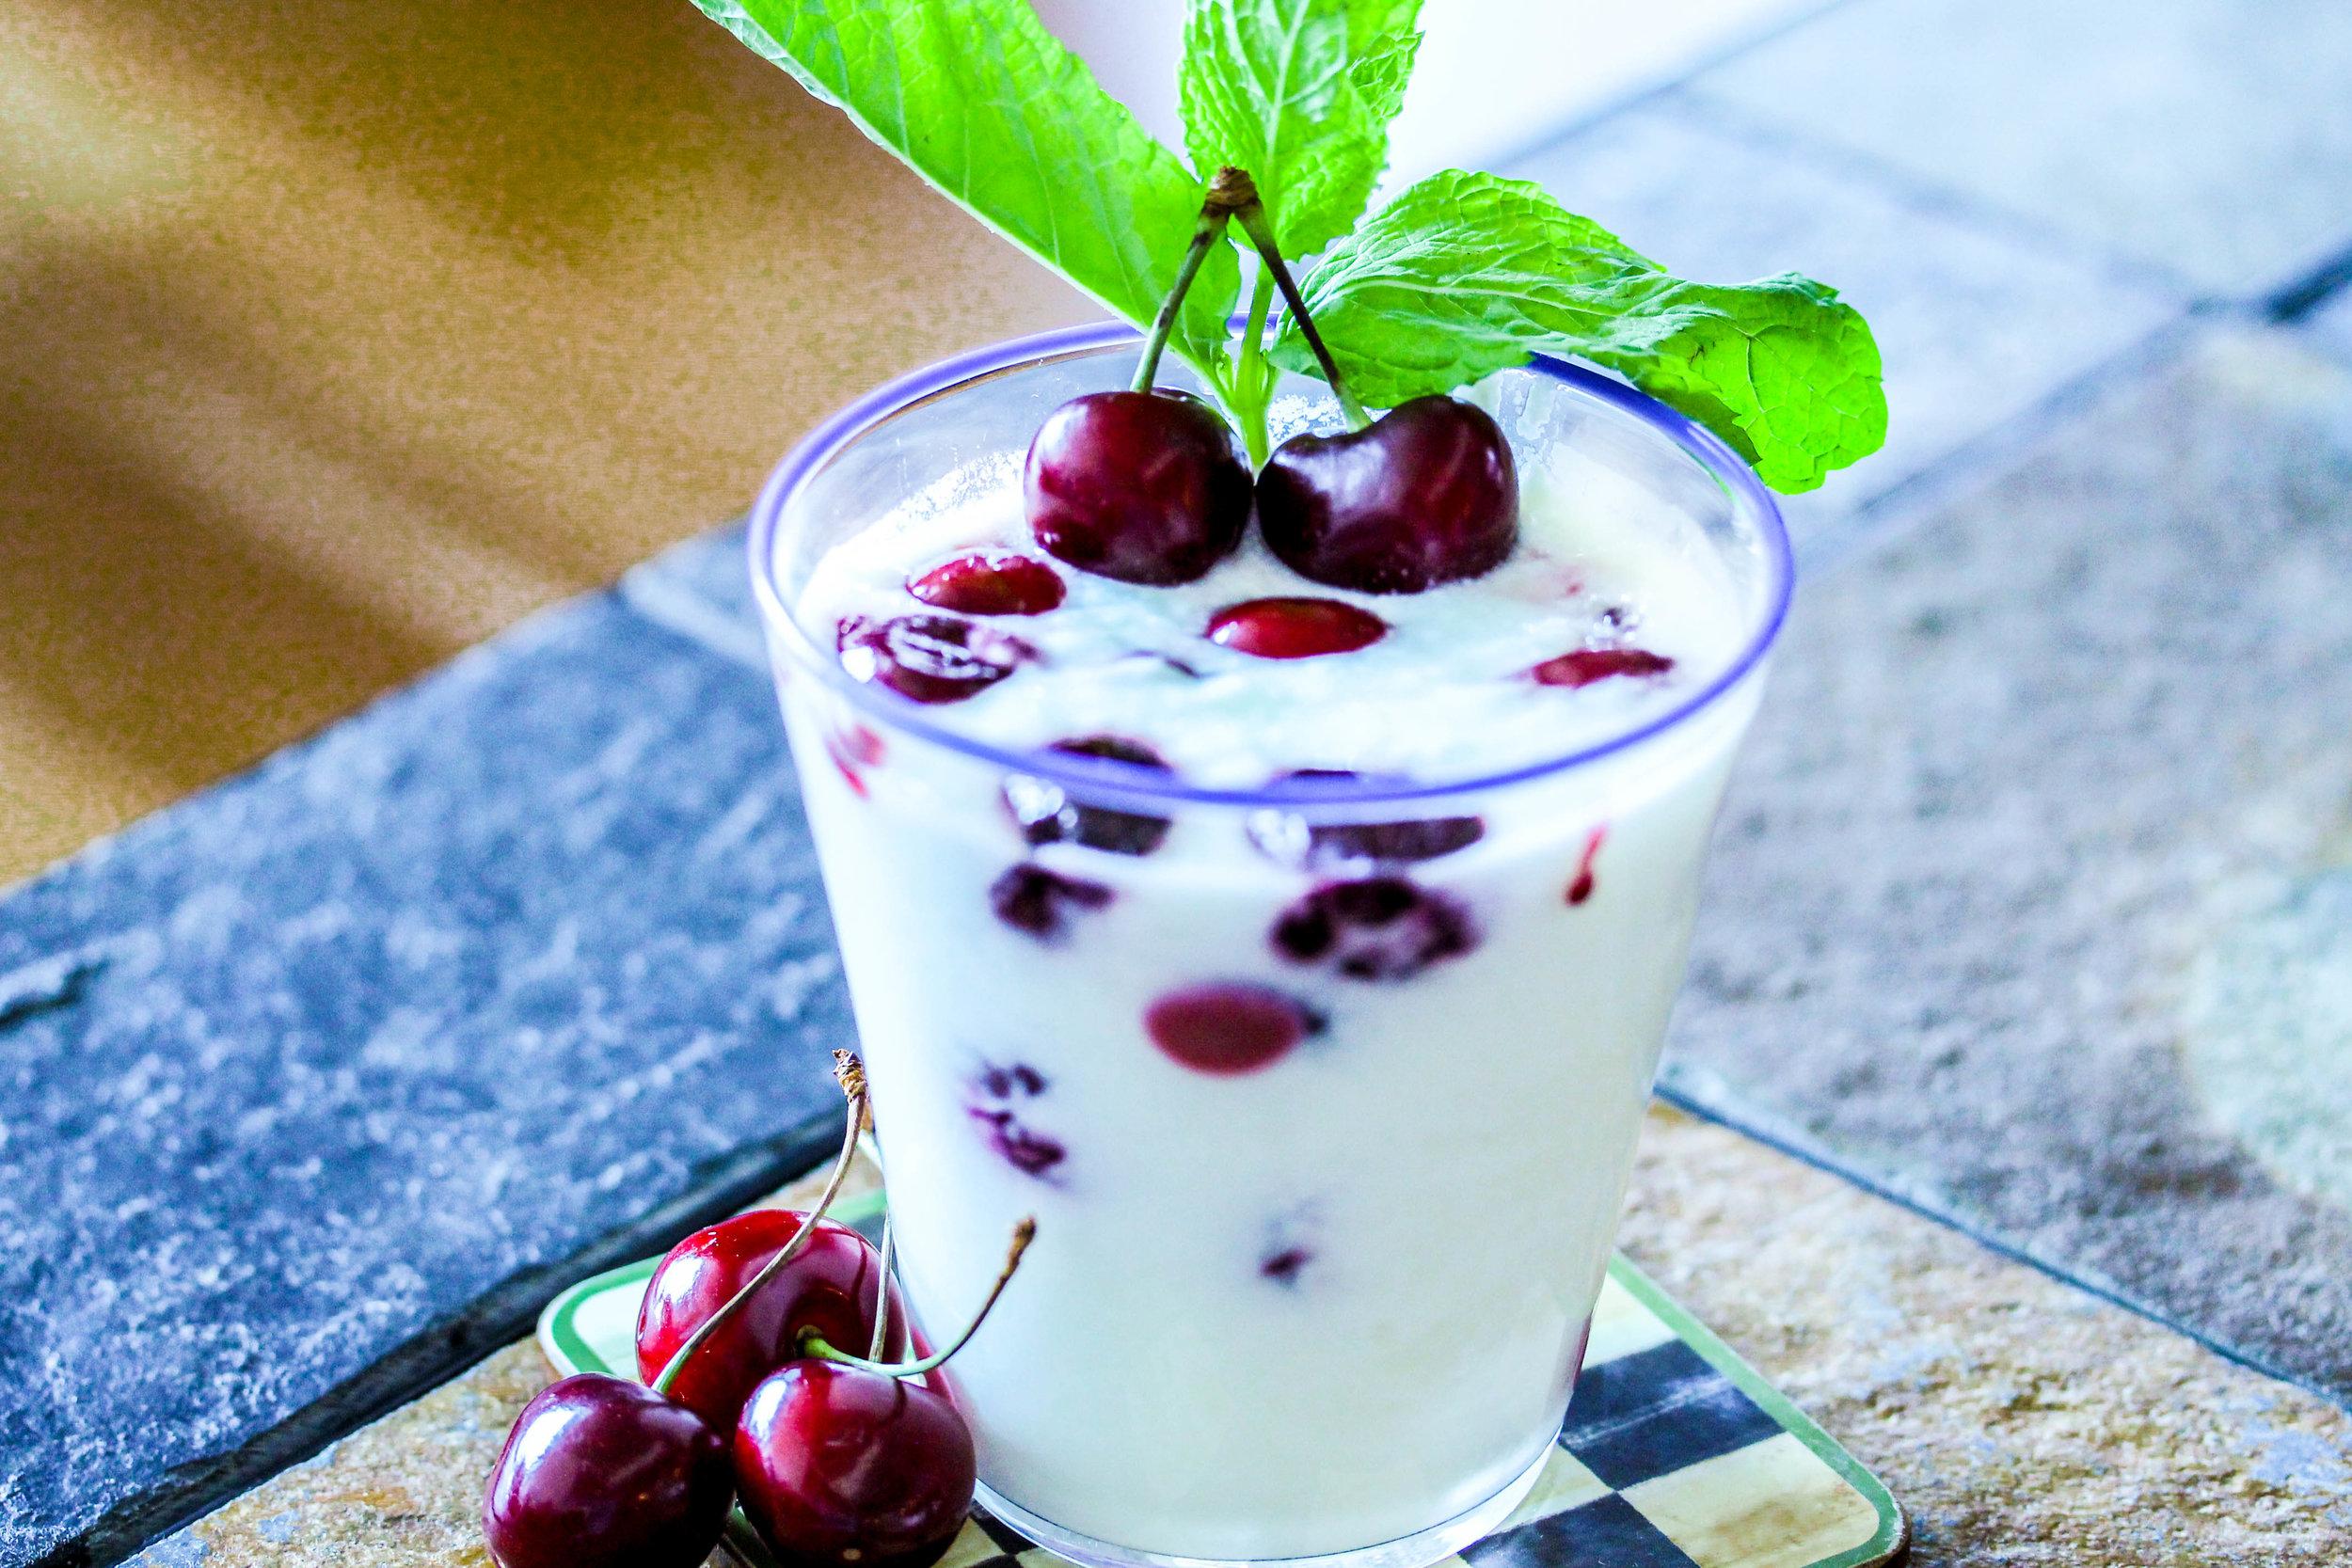 Homemade yogurt with oven roasted cherries